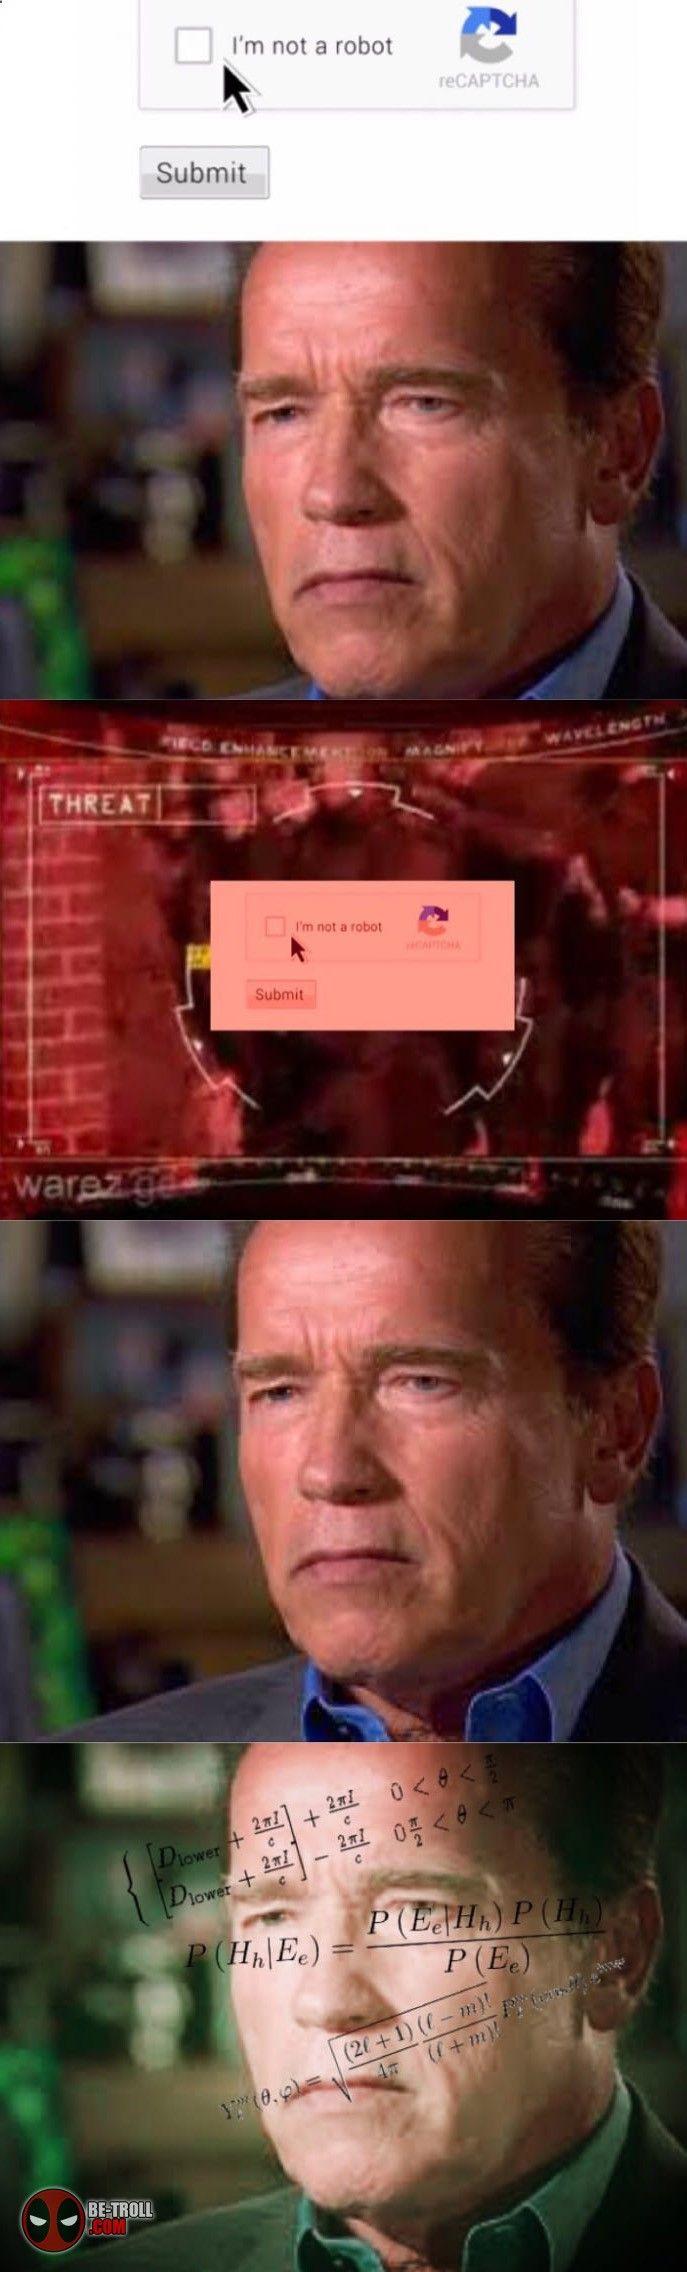 Difficile à dire... - Be-troll - vidéos humour, actualité insolite ➣➢➣ http://www.diverint.com/memes-chistosos-meteorito-puebla-afecta